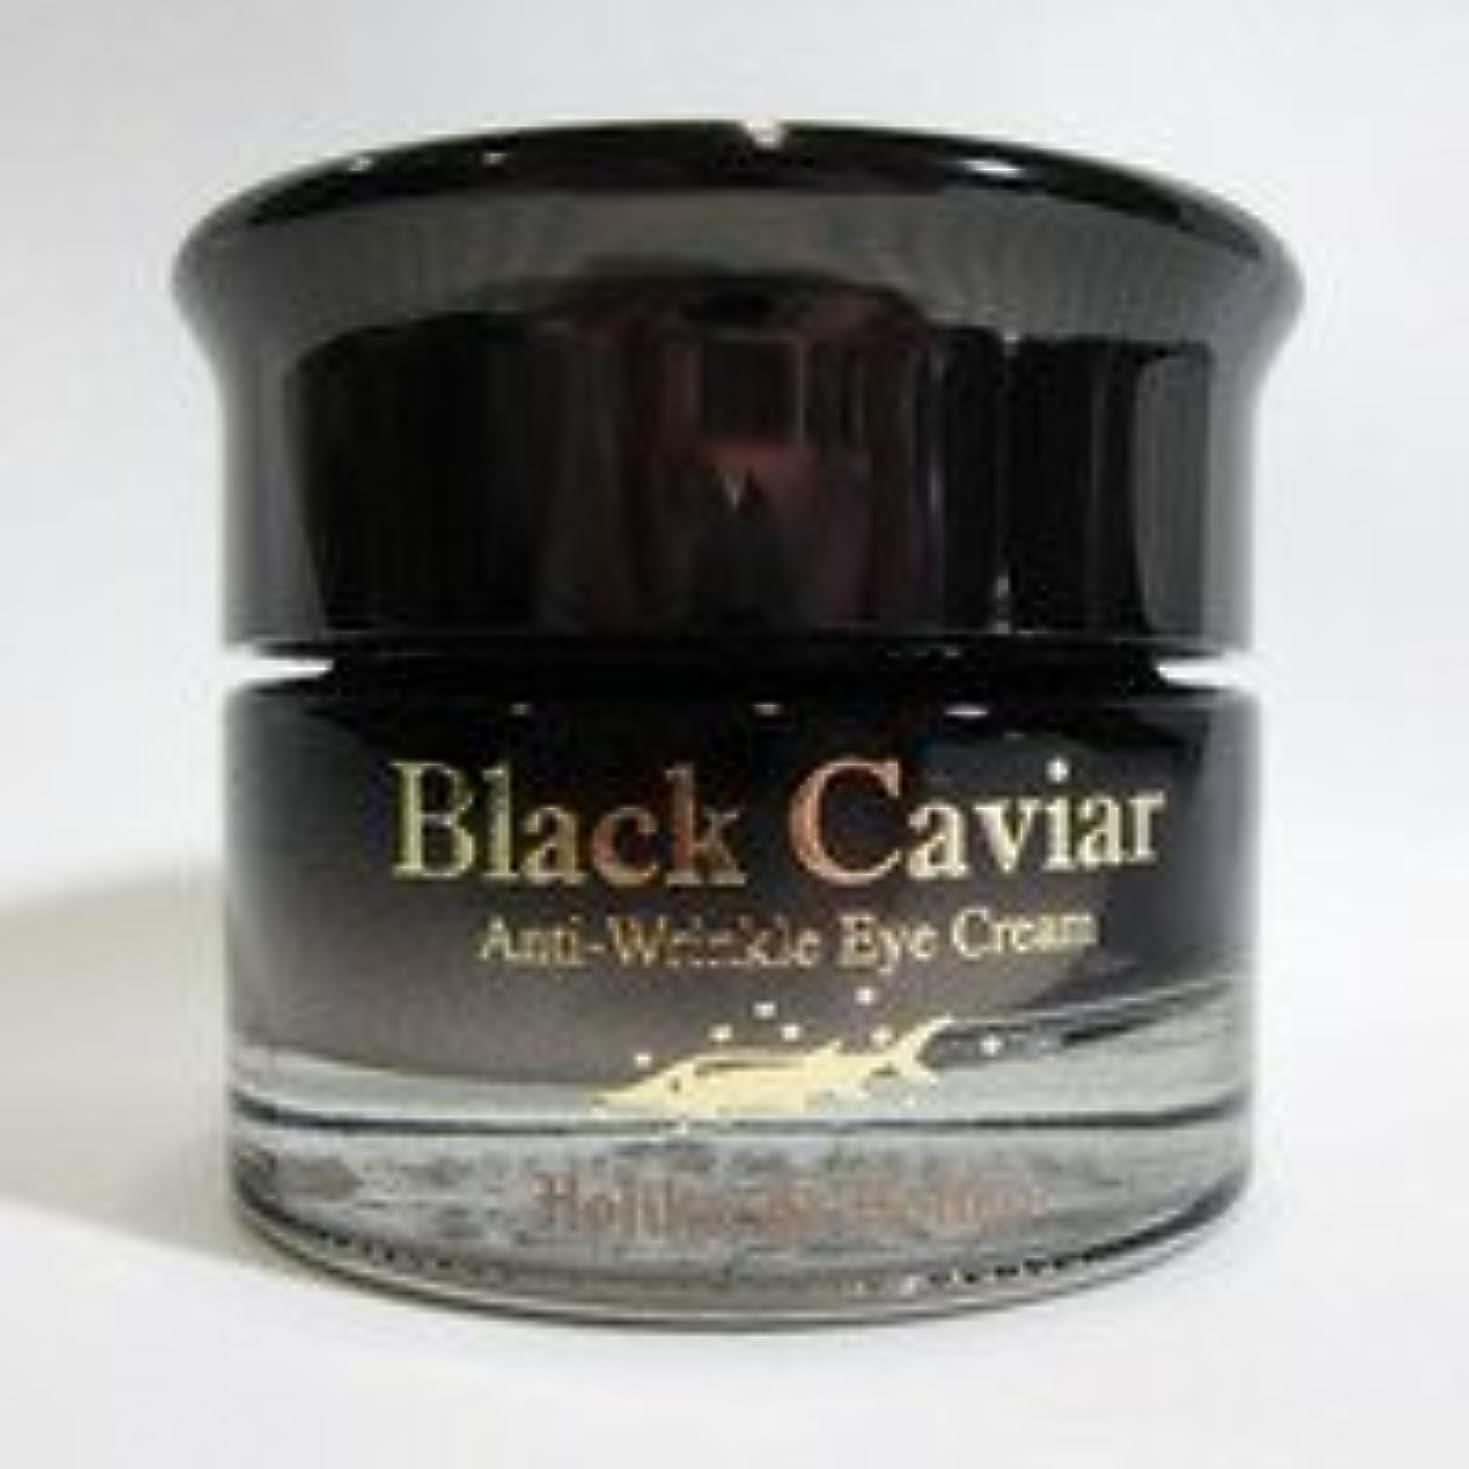 外向き回転ループHolika Holika ホリカホリカ ブラックキャビア アンチリンクル クリーム Black Caviar Anti-Wrinkle Cream